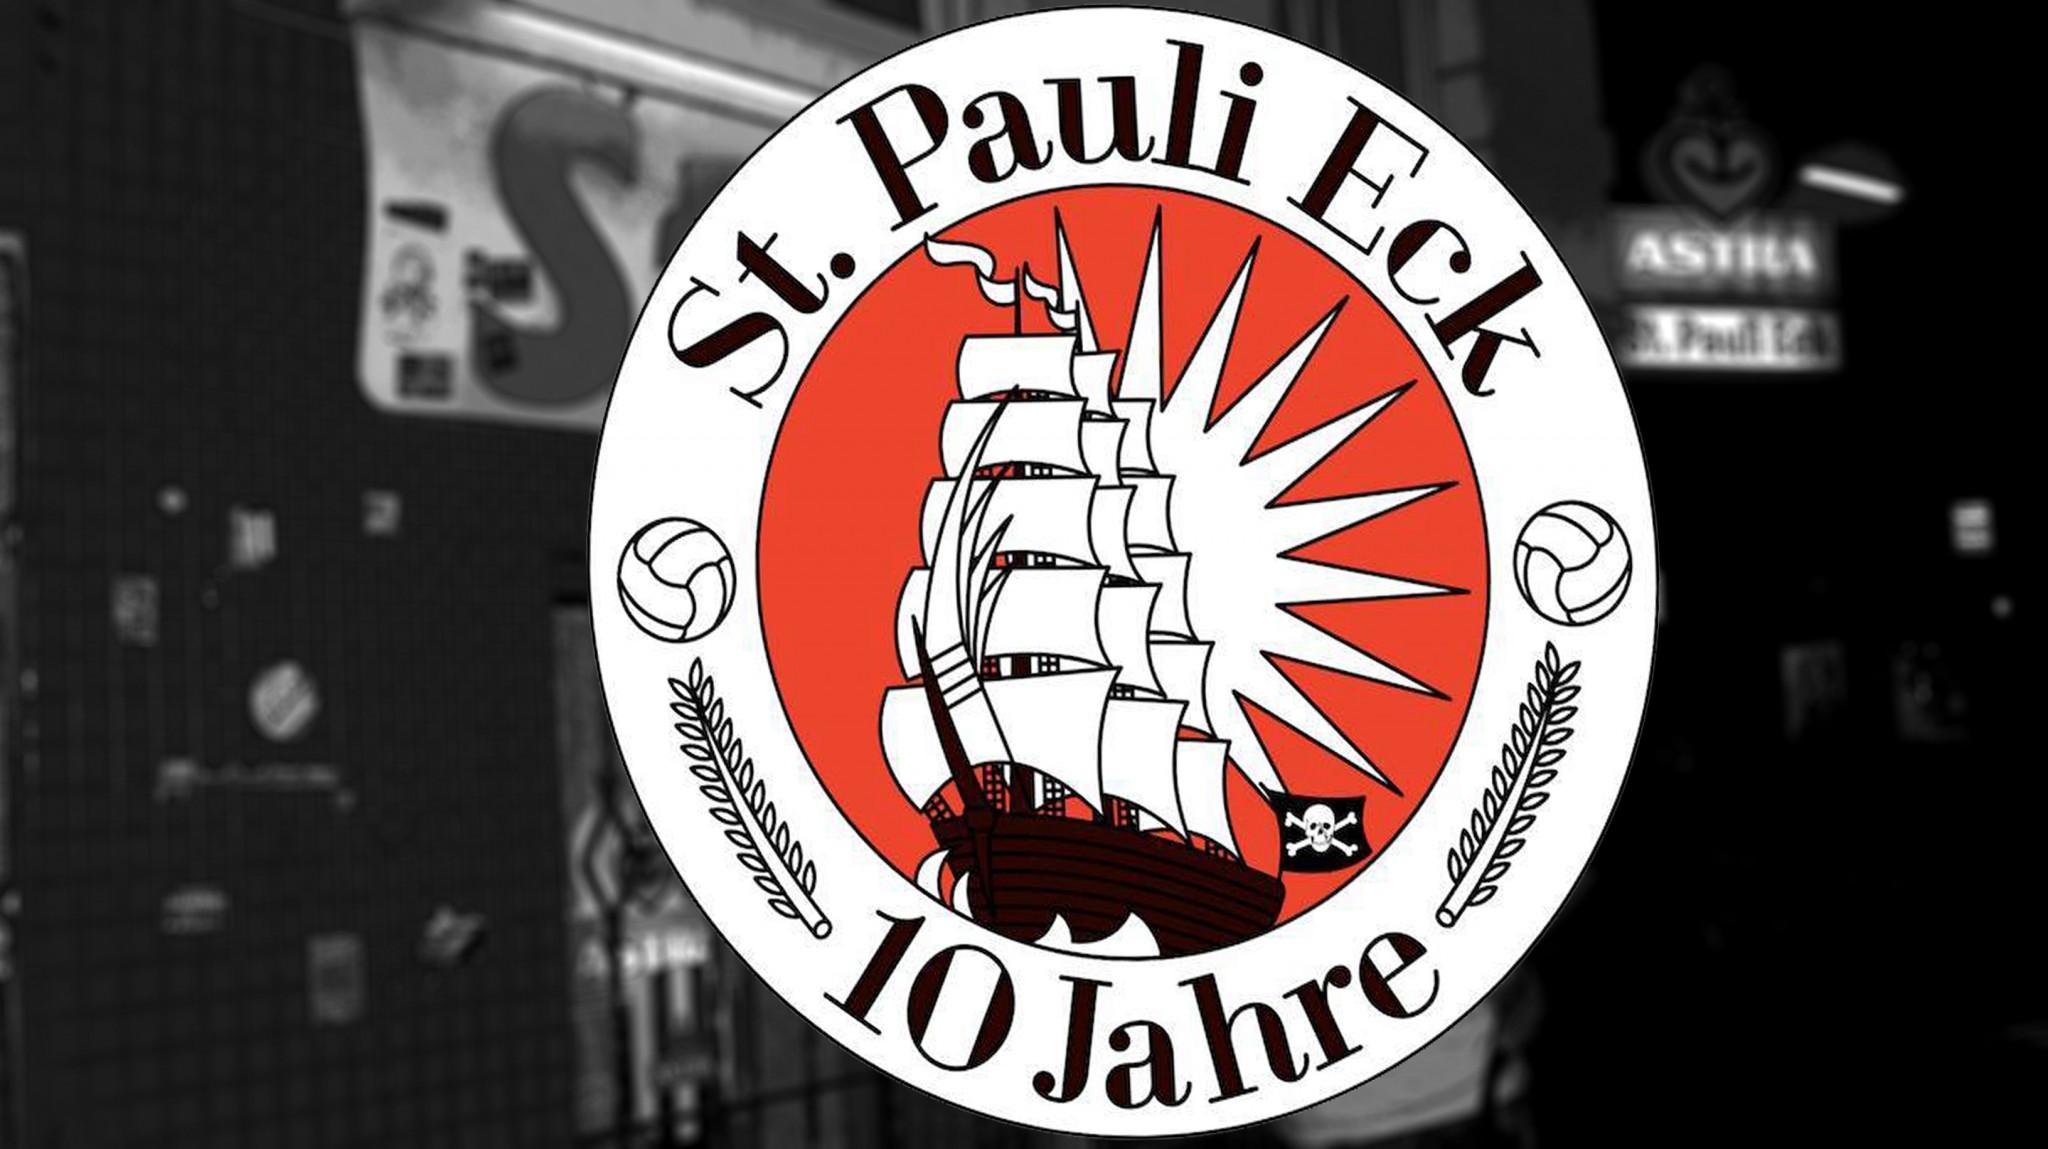 St Pauli Eck bar